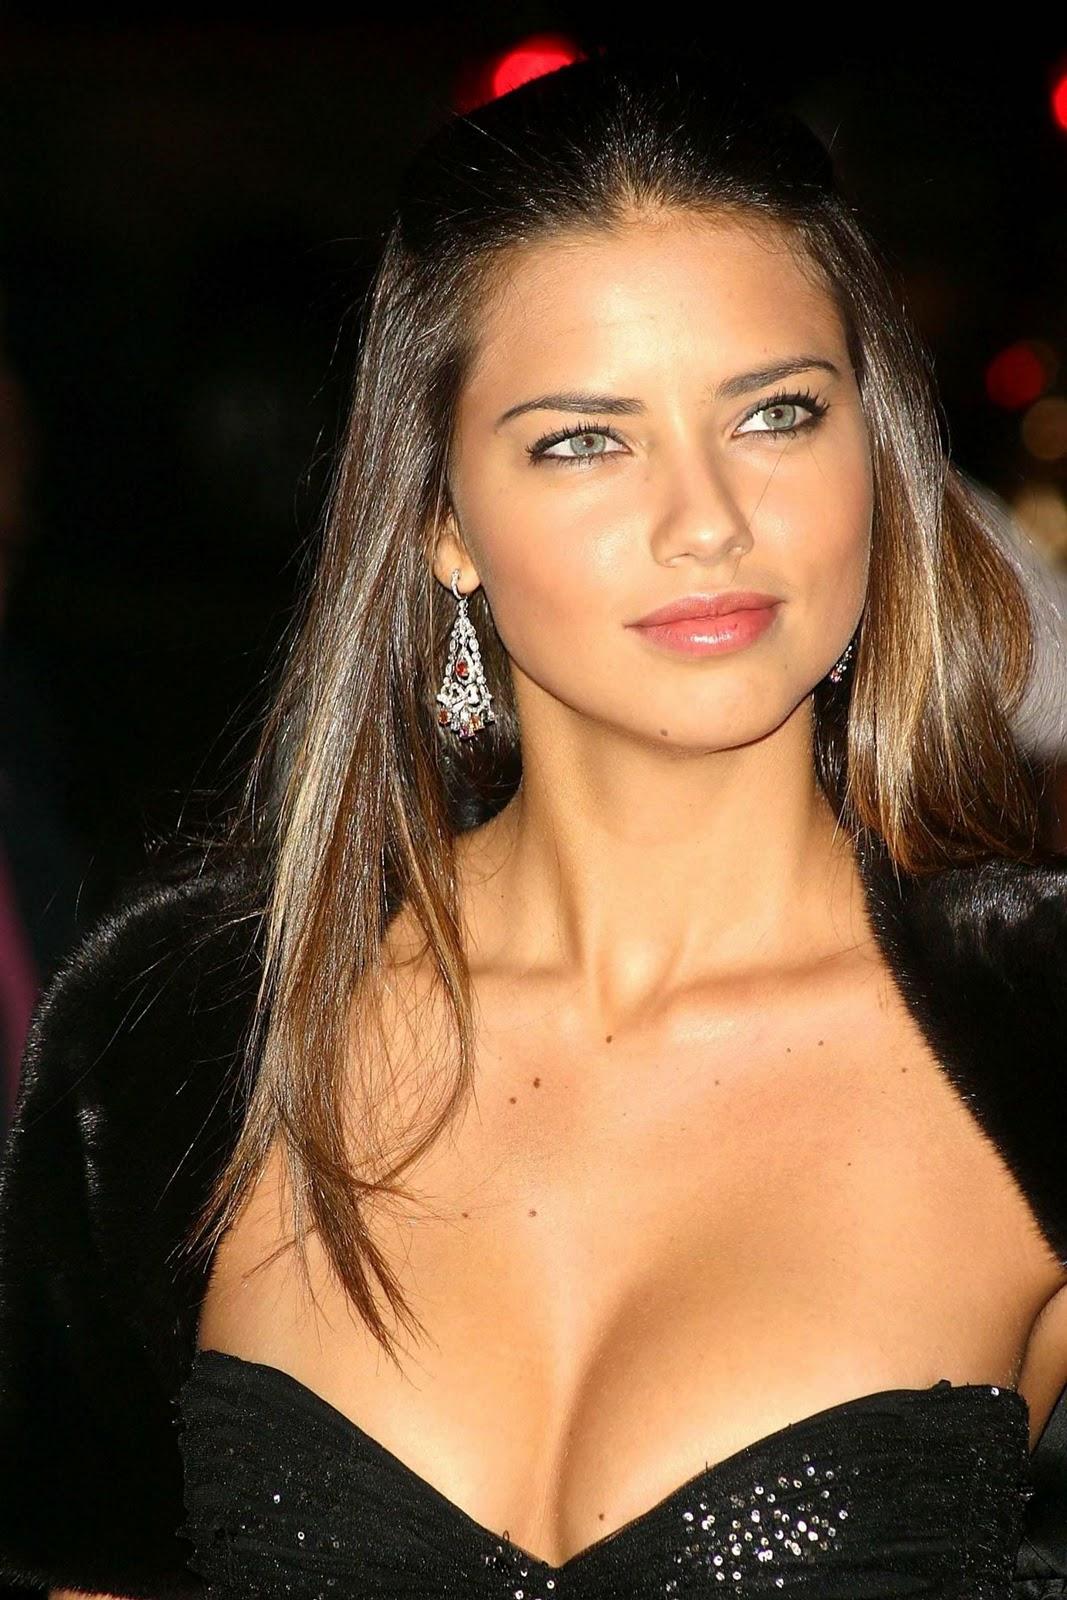 http://3.bp.blogspot.com/-sHEev3ZI1S8/TqkW98tMvhI/AAAAAAAAA5c/kwg9s2q5aWc/s1600/Adriana-Lima-Pictures.jpg